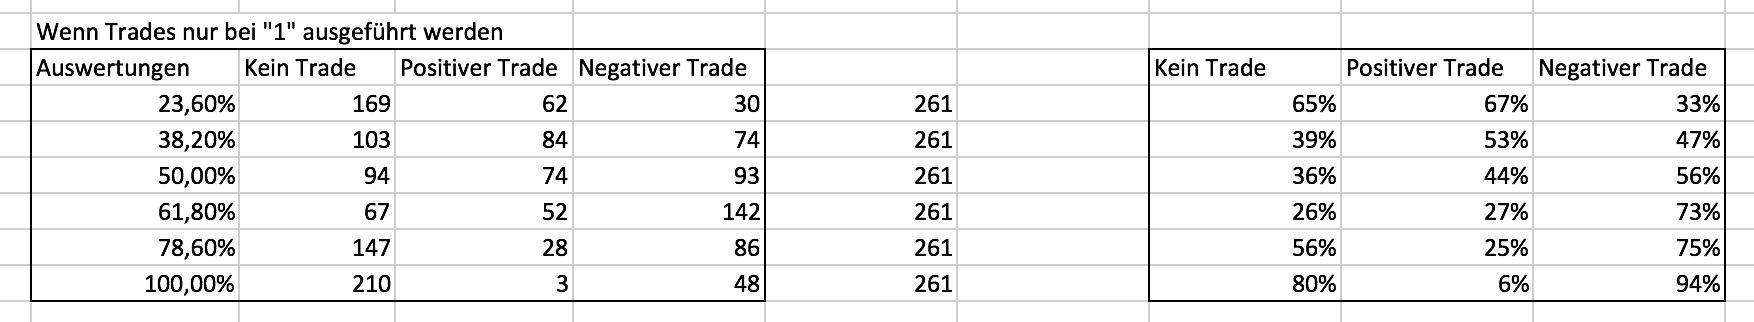 Ergebnisse der zweiten Gold-Fibonacci-Analyse